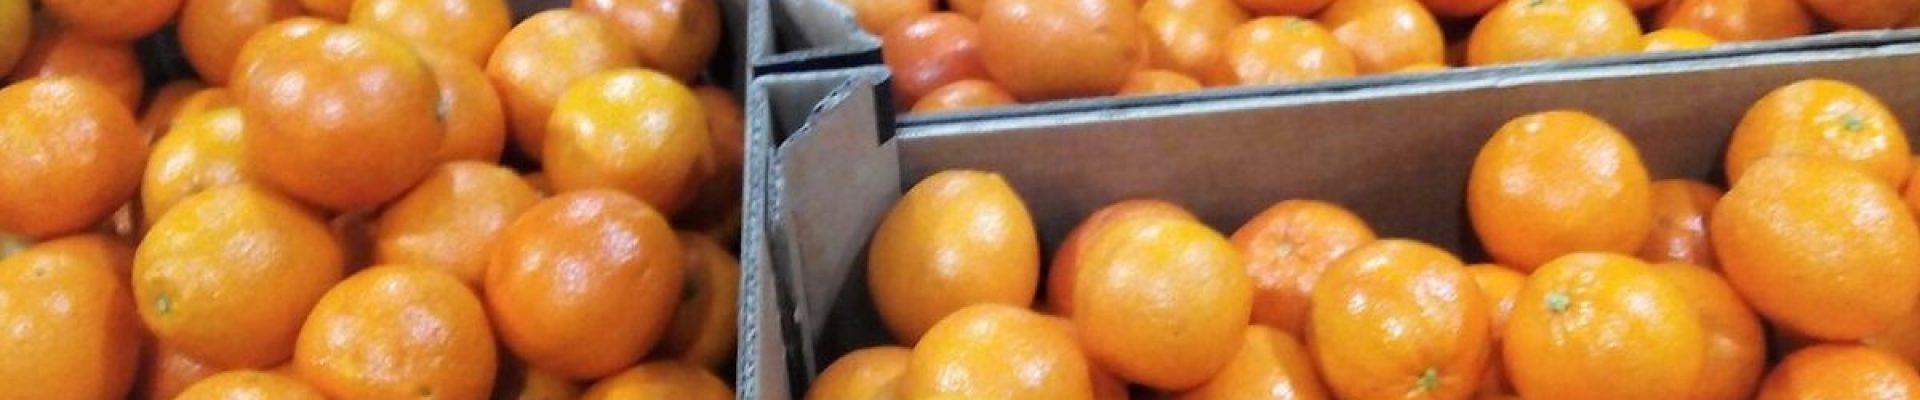 naranja-de-zumo-1200x480